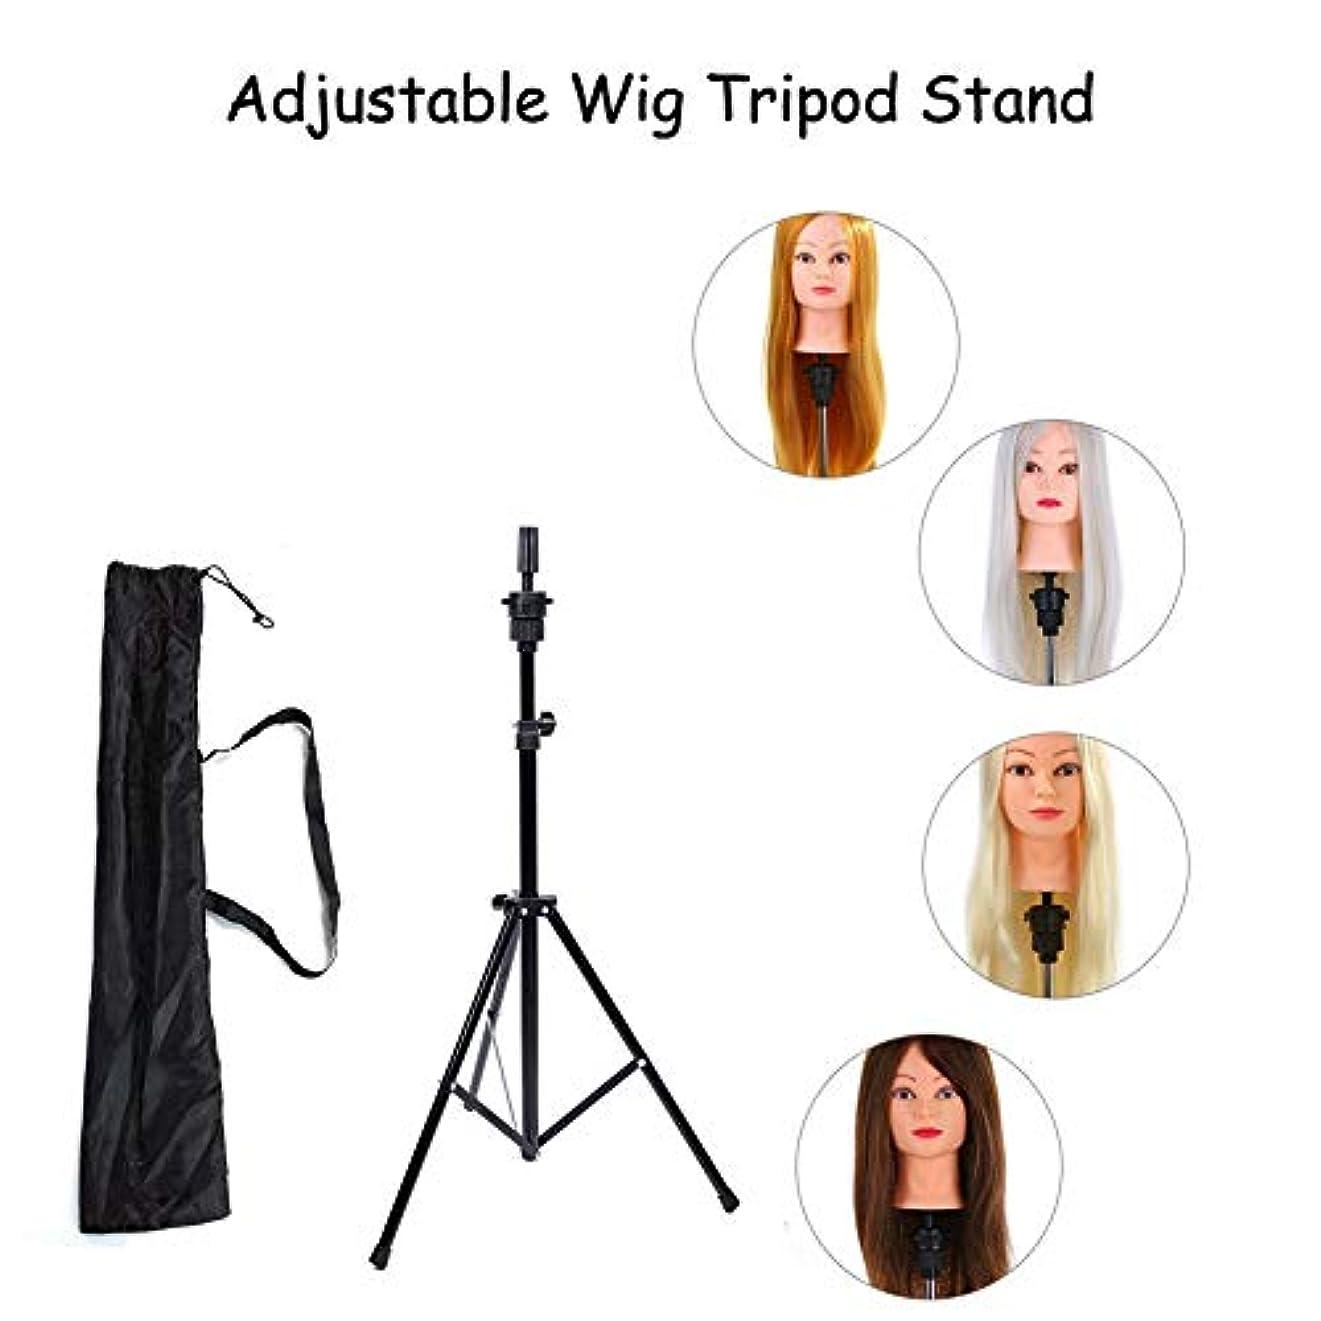 グリット家事腐敗マネキンウィッグヘッド三脚スタンド調節可能な美容トレーニング人形ヘッドホルダー用理髪かつらスタンド付きキャリーバッグ